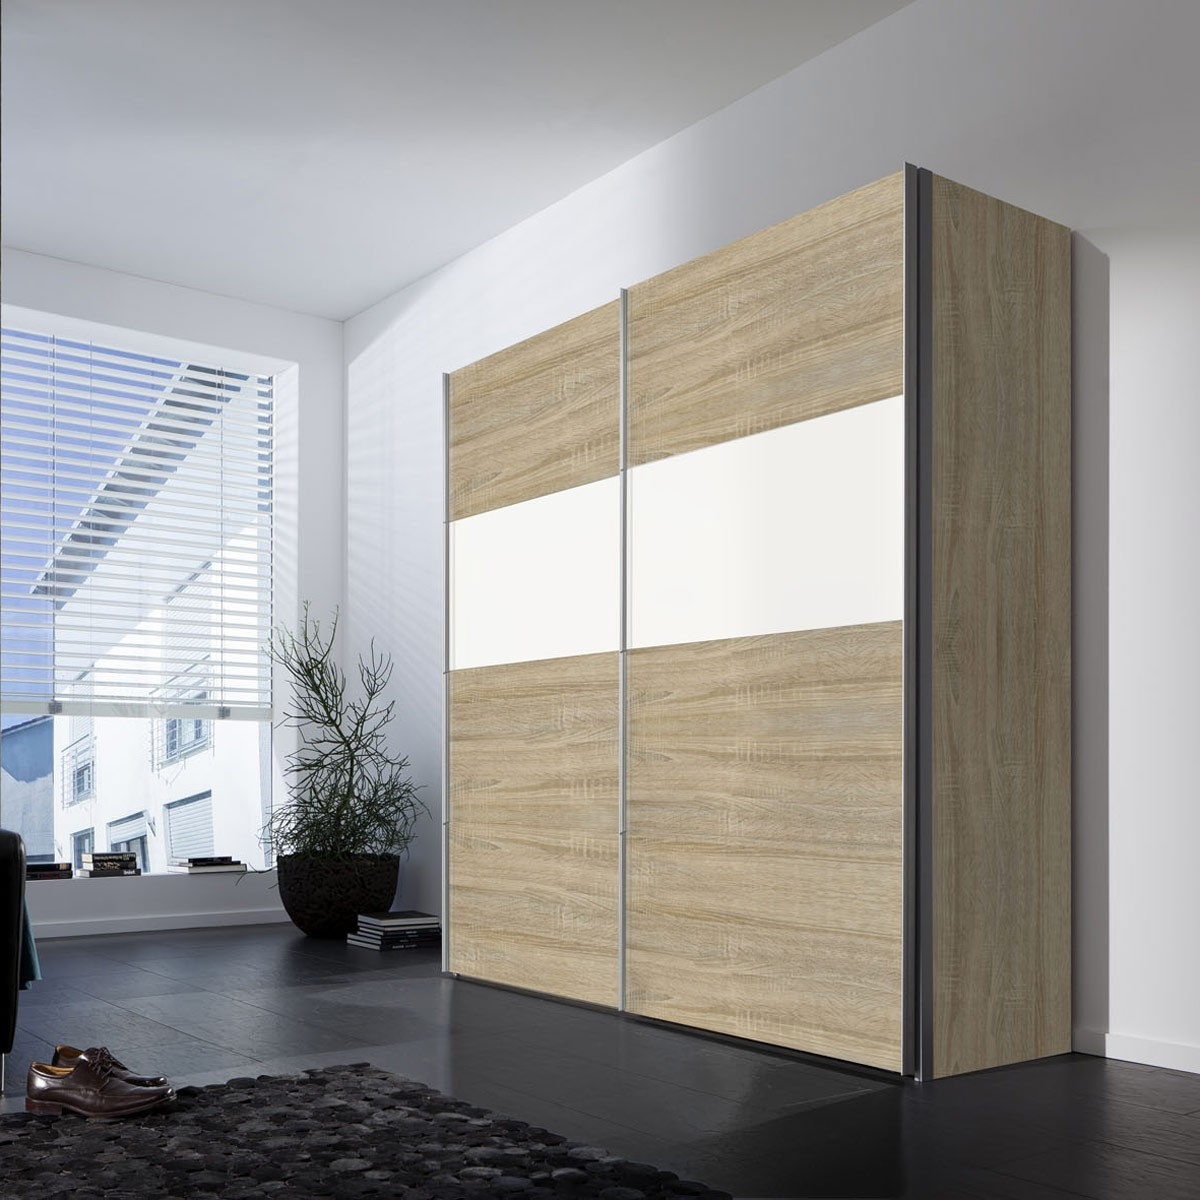 schwebet renschrank calibra sonoma eiche wei glas ebay. Black Bedroom Furniture Sets. Home Design Ideas